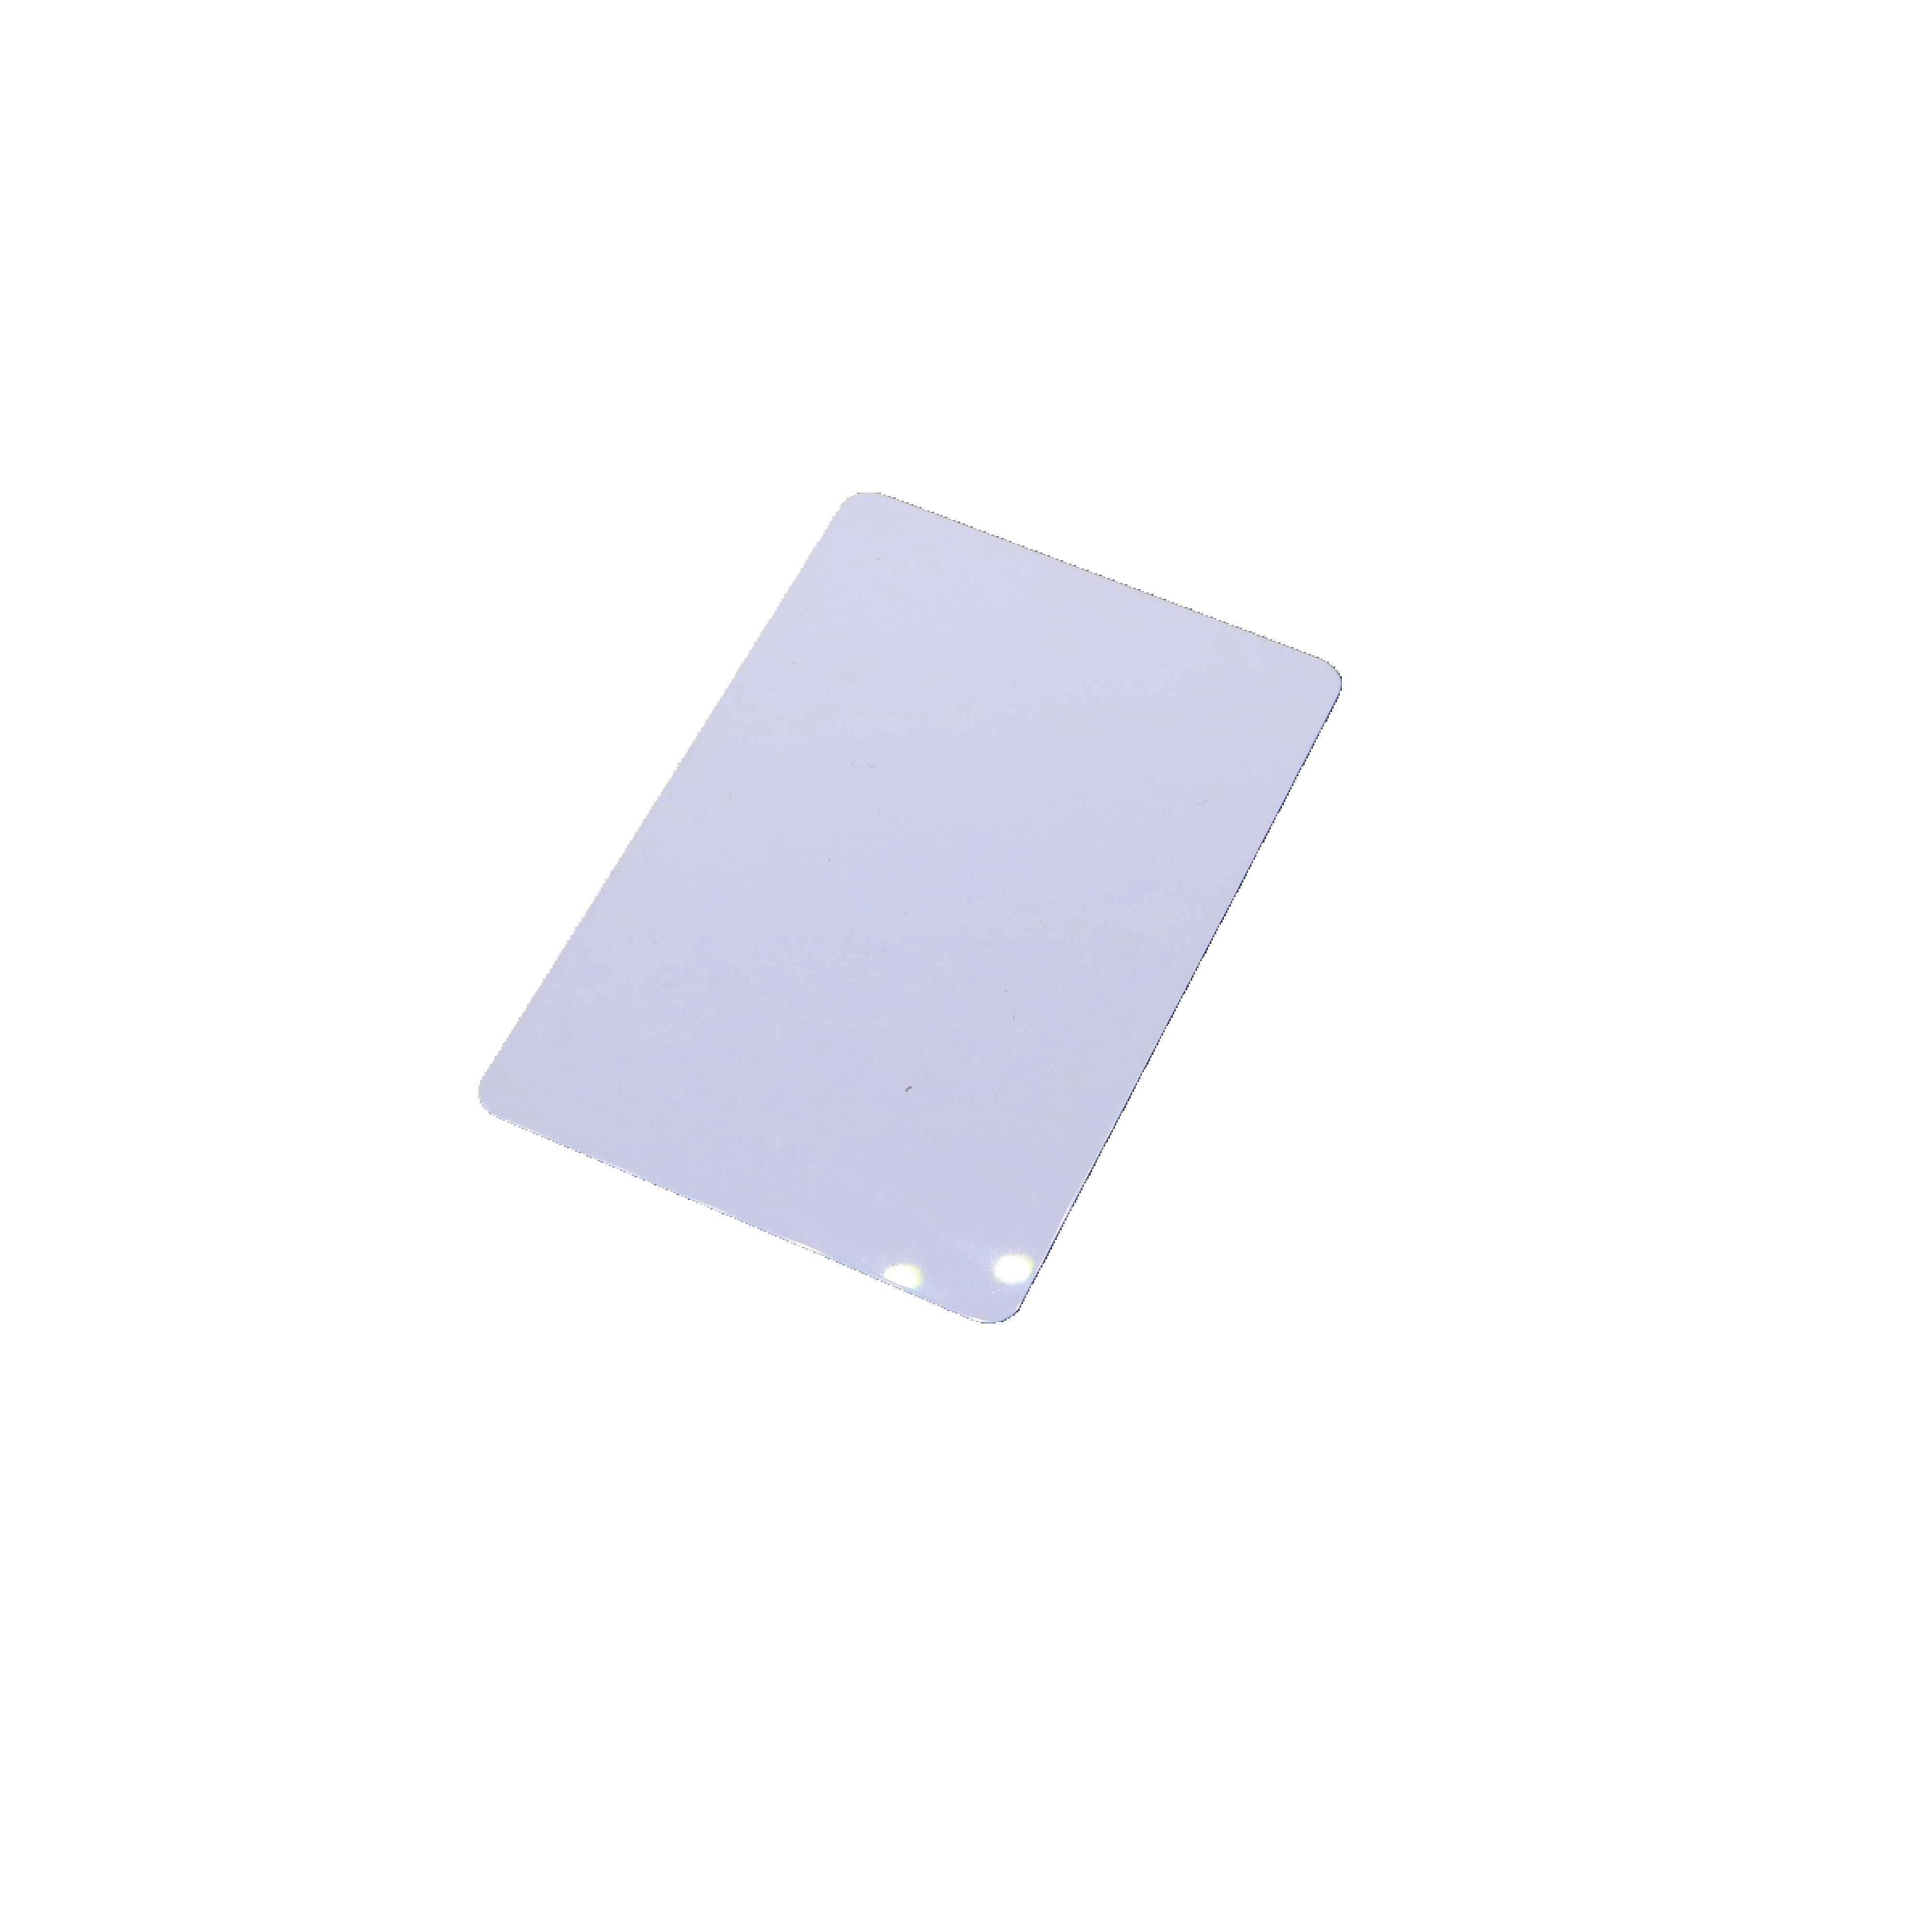 купить ISO15693 SLIX SL2S2002 13.56MHz 1K RFID IC card по цене 27.2 рублей